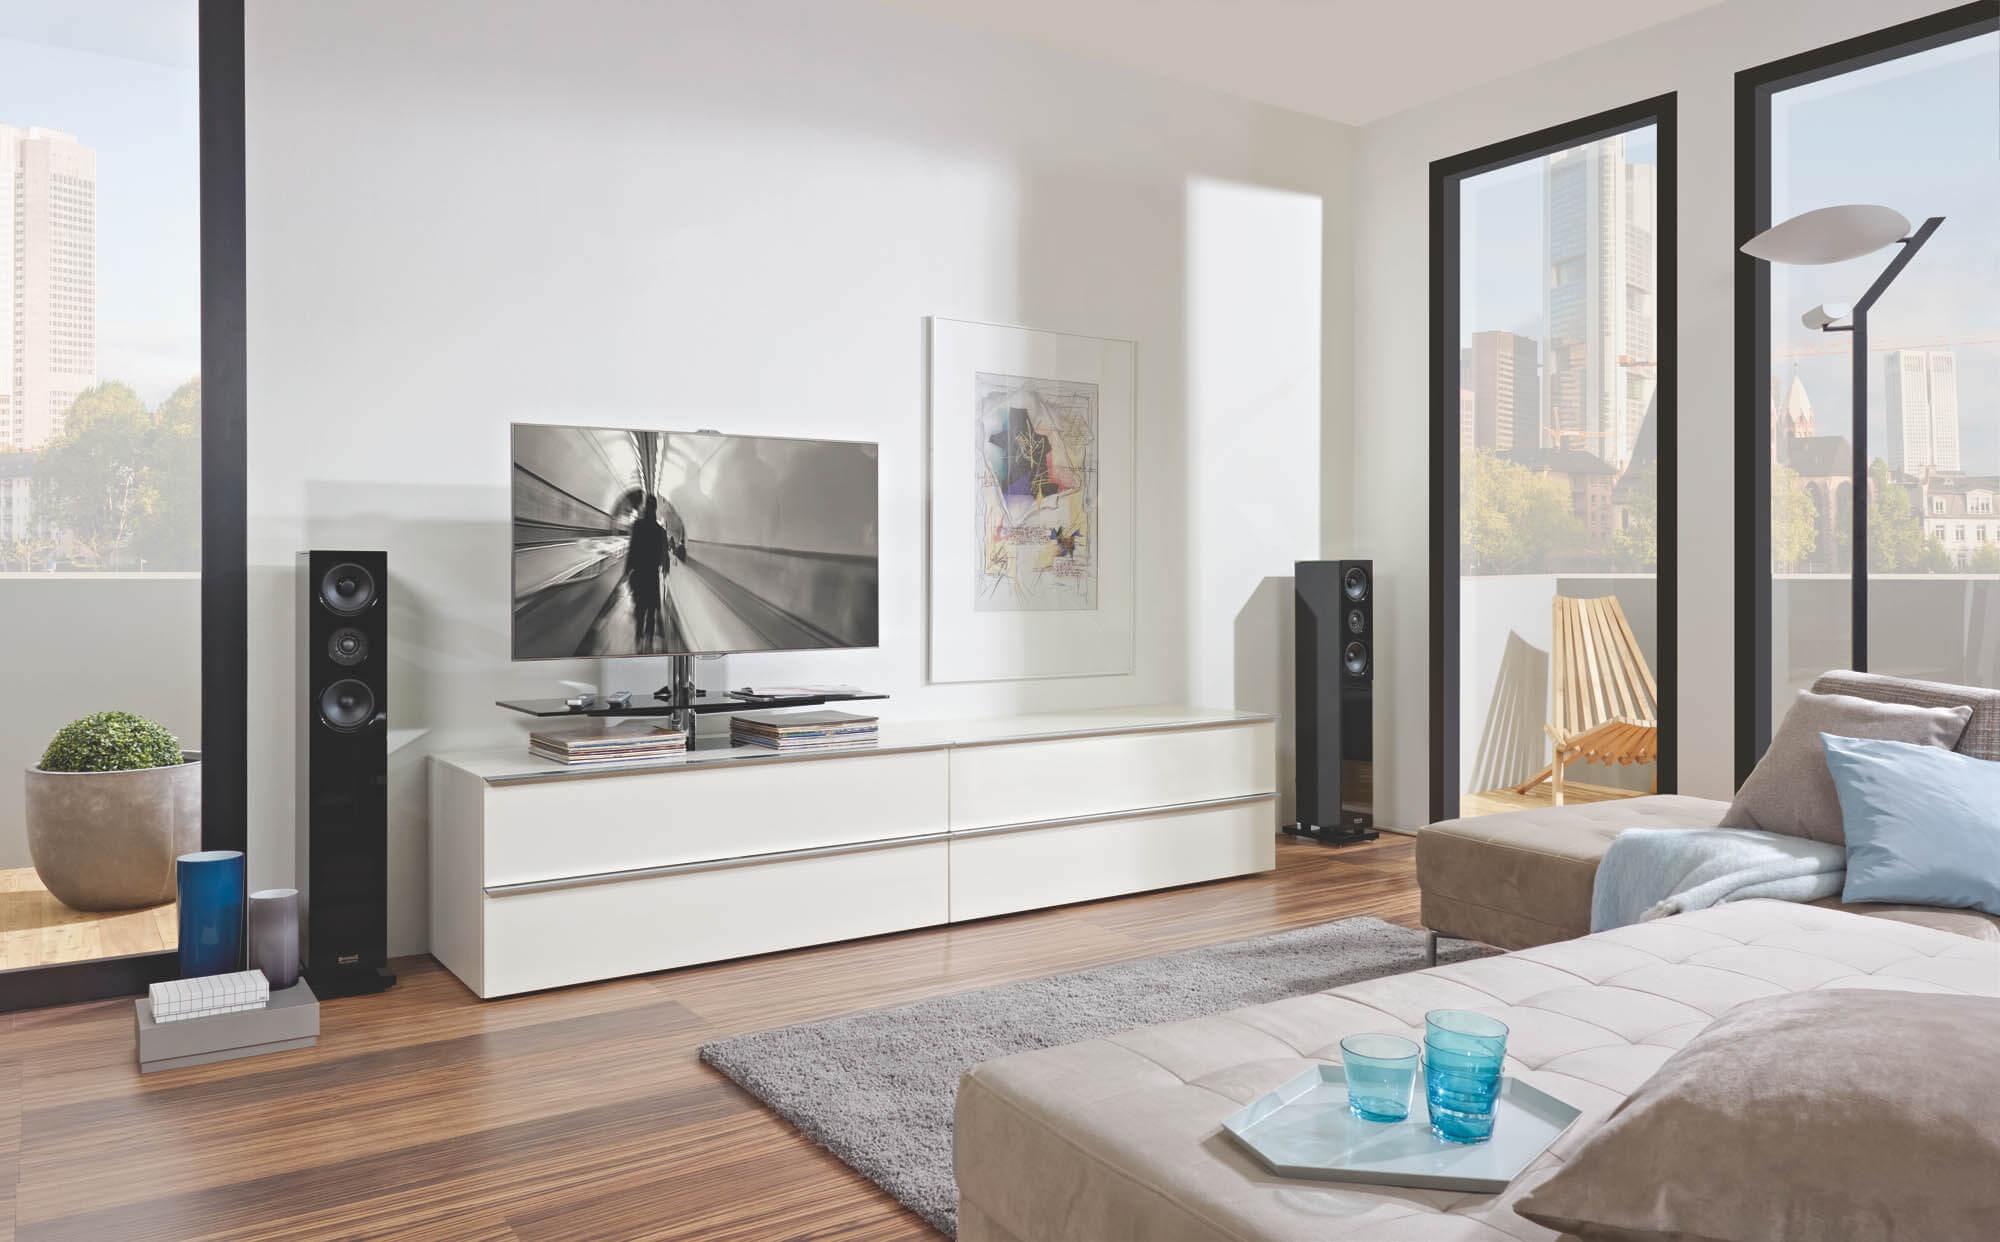 wohnwand media3000 zusammenstellung 4 wohnw nde wohnzimmer m bel. Black Bedroom Furniture Sets. Home Design Ideas